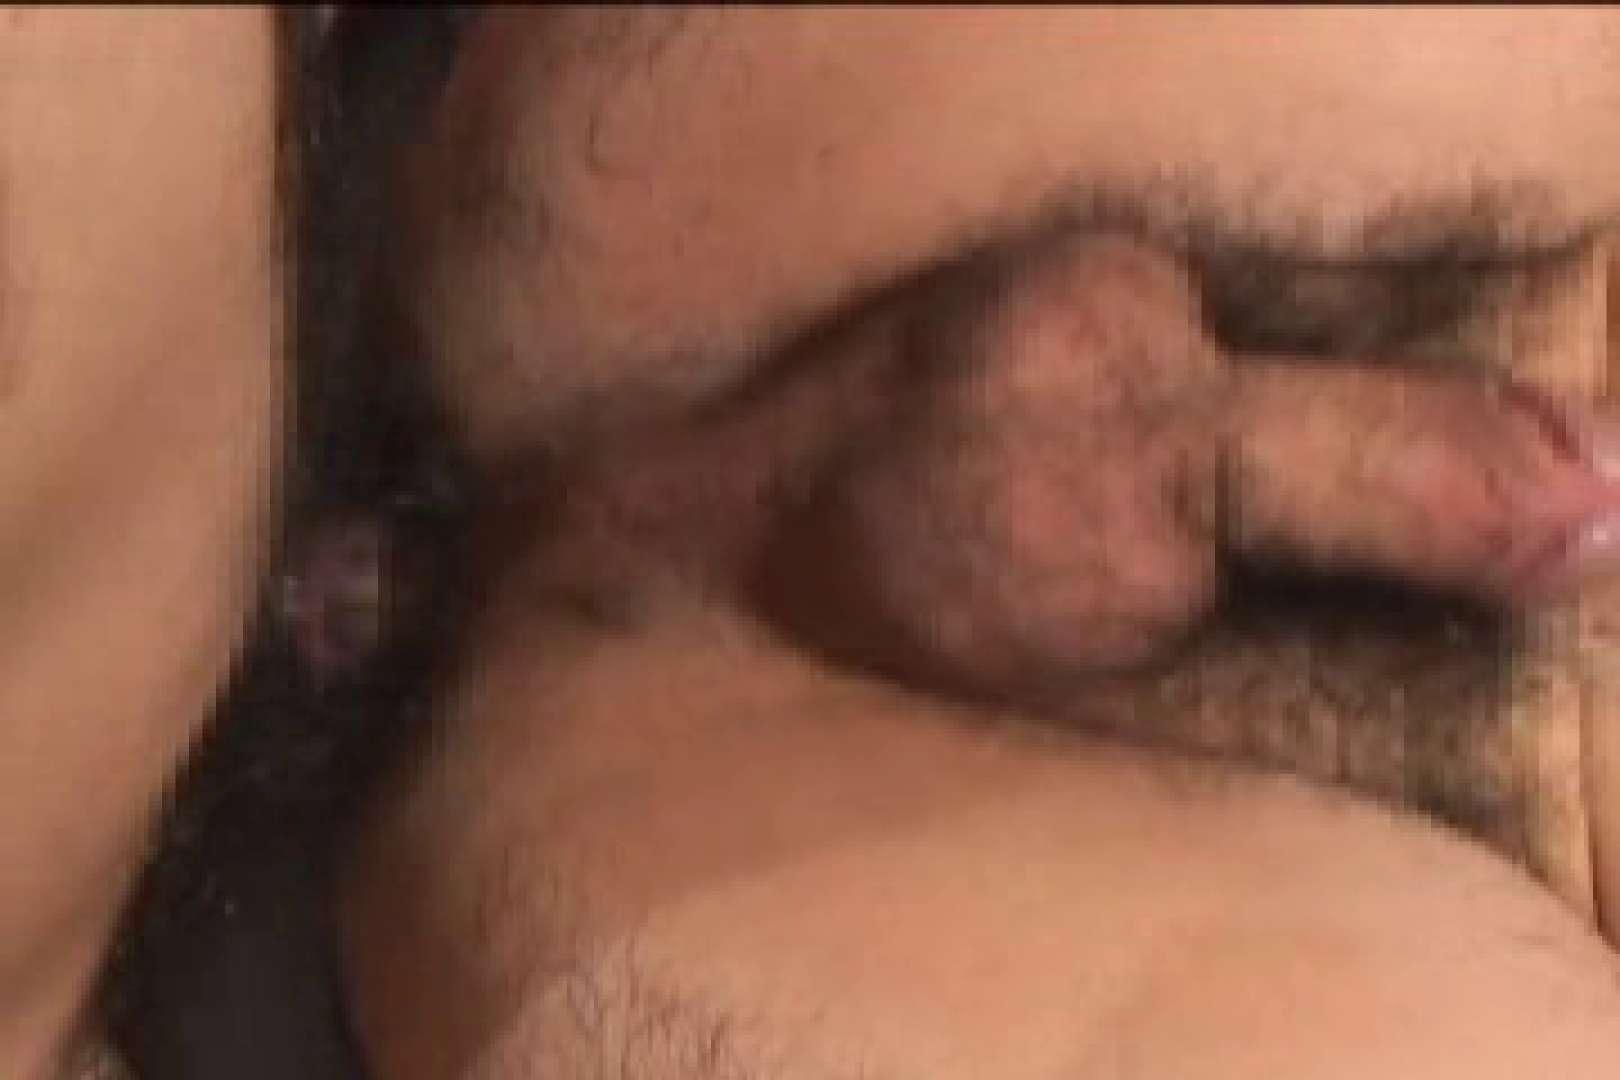 スポMENファック!!反り勃つ男根!!vol.13 男達の裸   イケメンのセックス  10枚 3